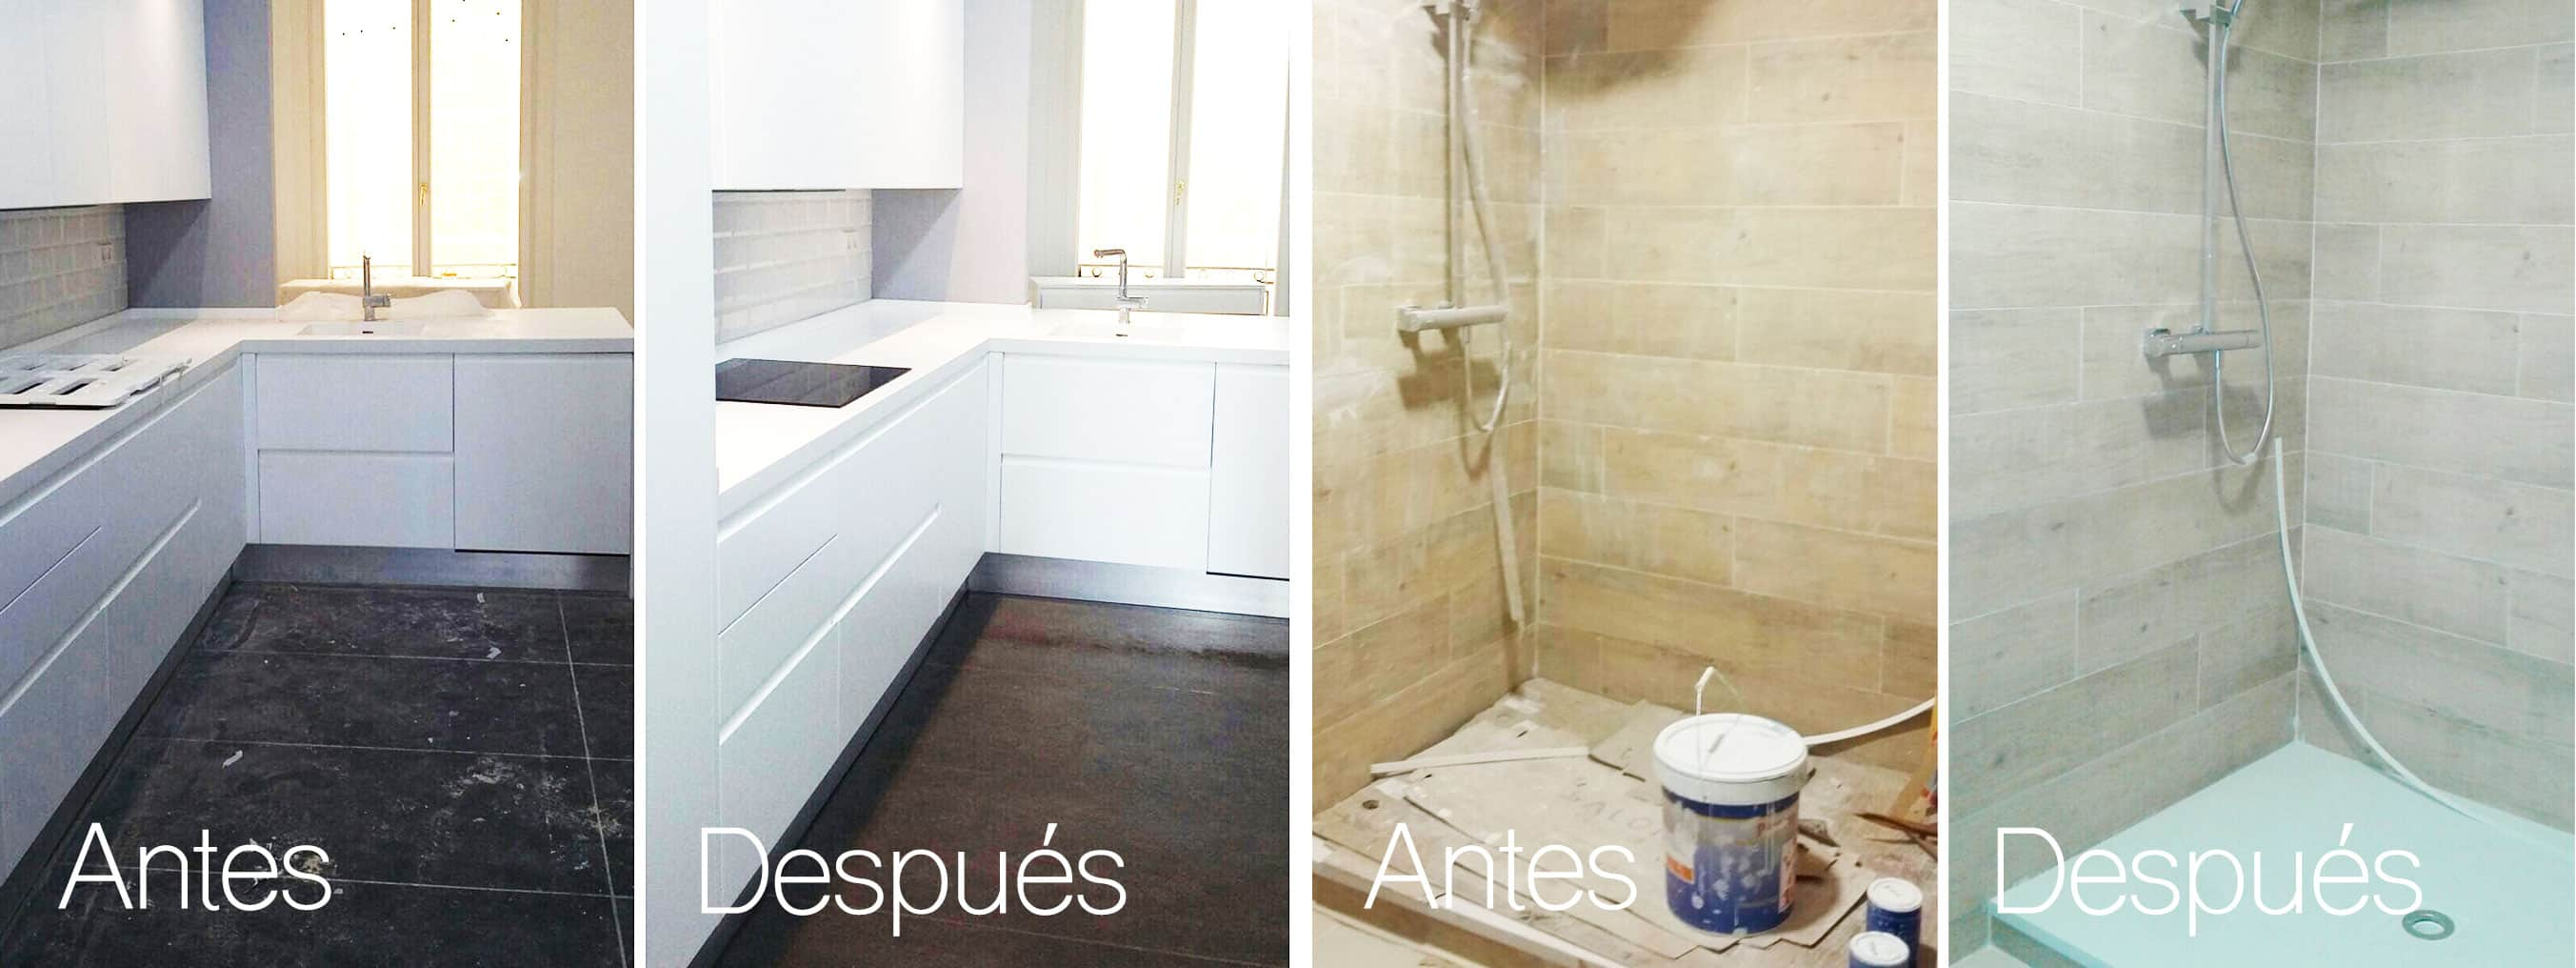 Servicios de limpieza residenciales grupo fergo - Servicio de limpieza para casas ...